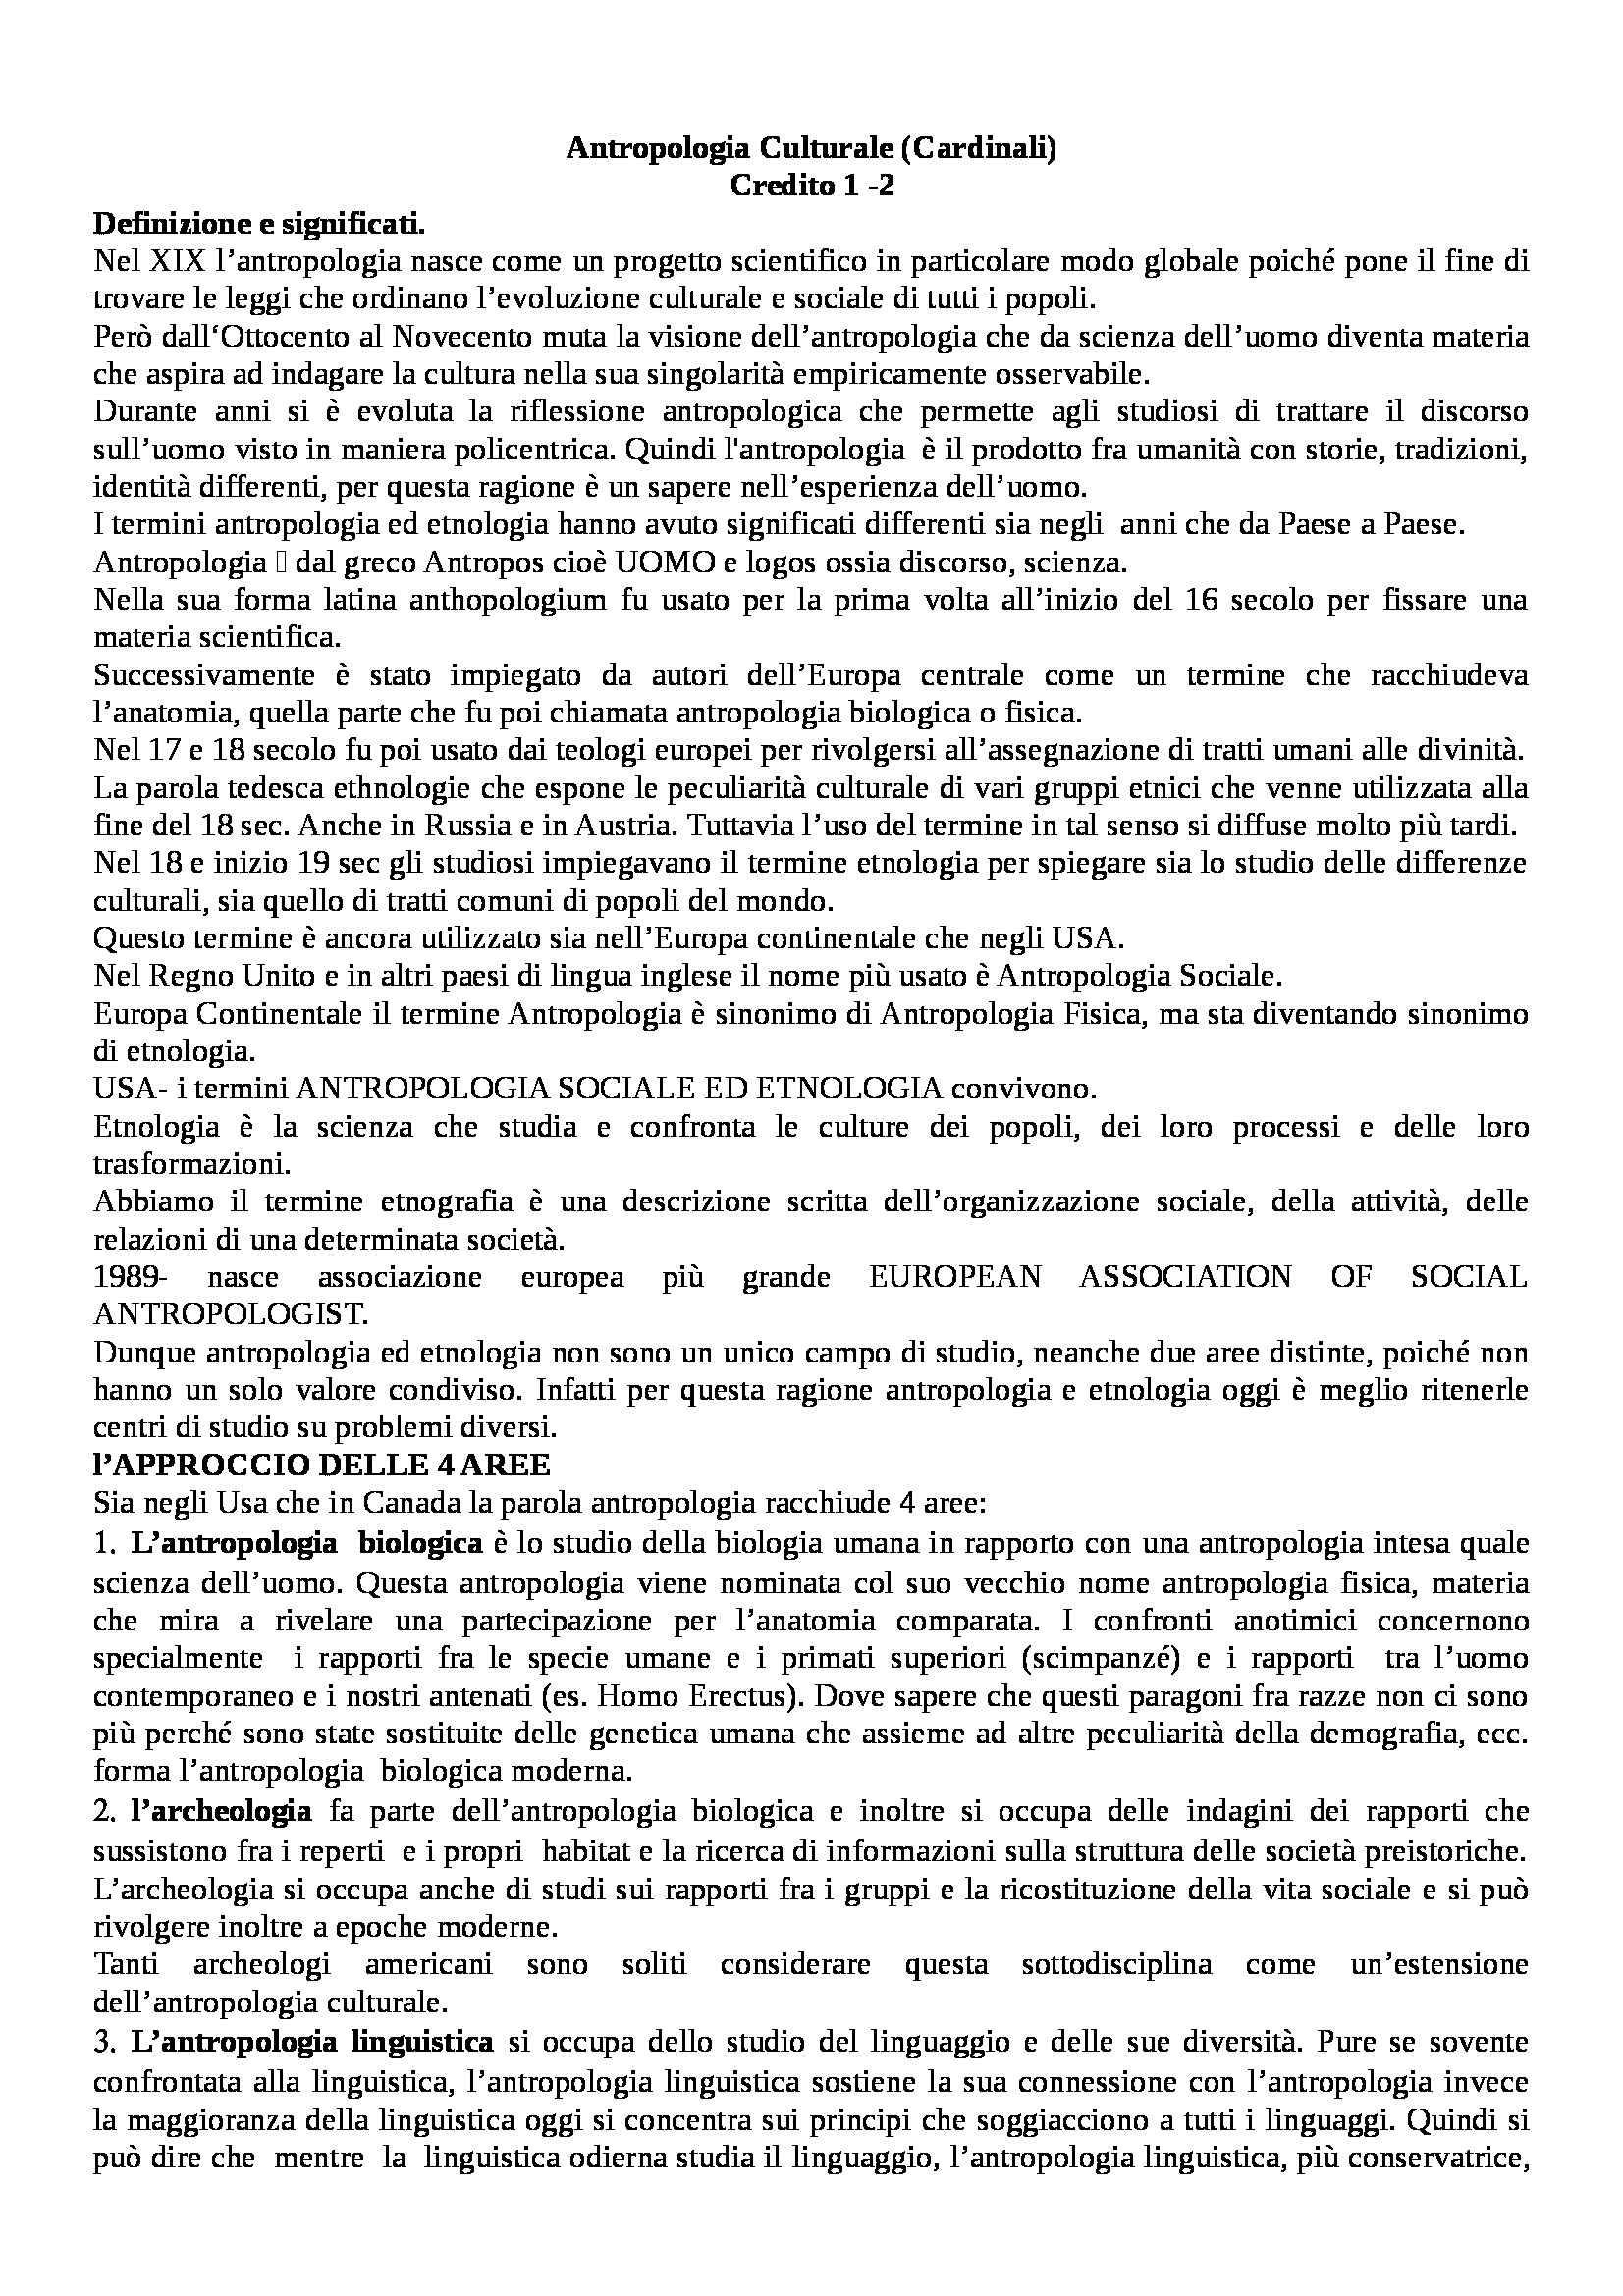 Antropologia culturale - Riassunto esame delle dispense, prof. Cardinali